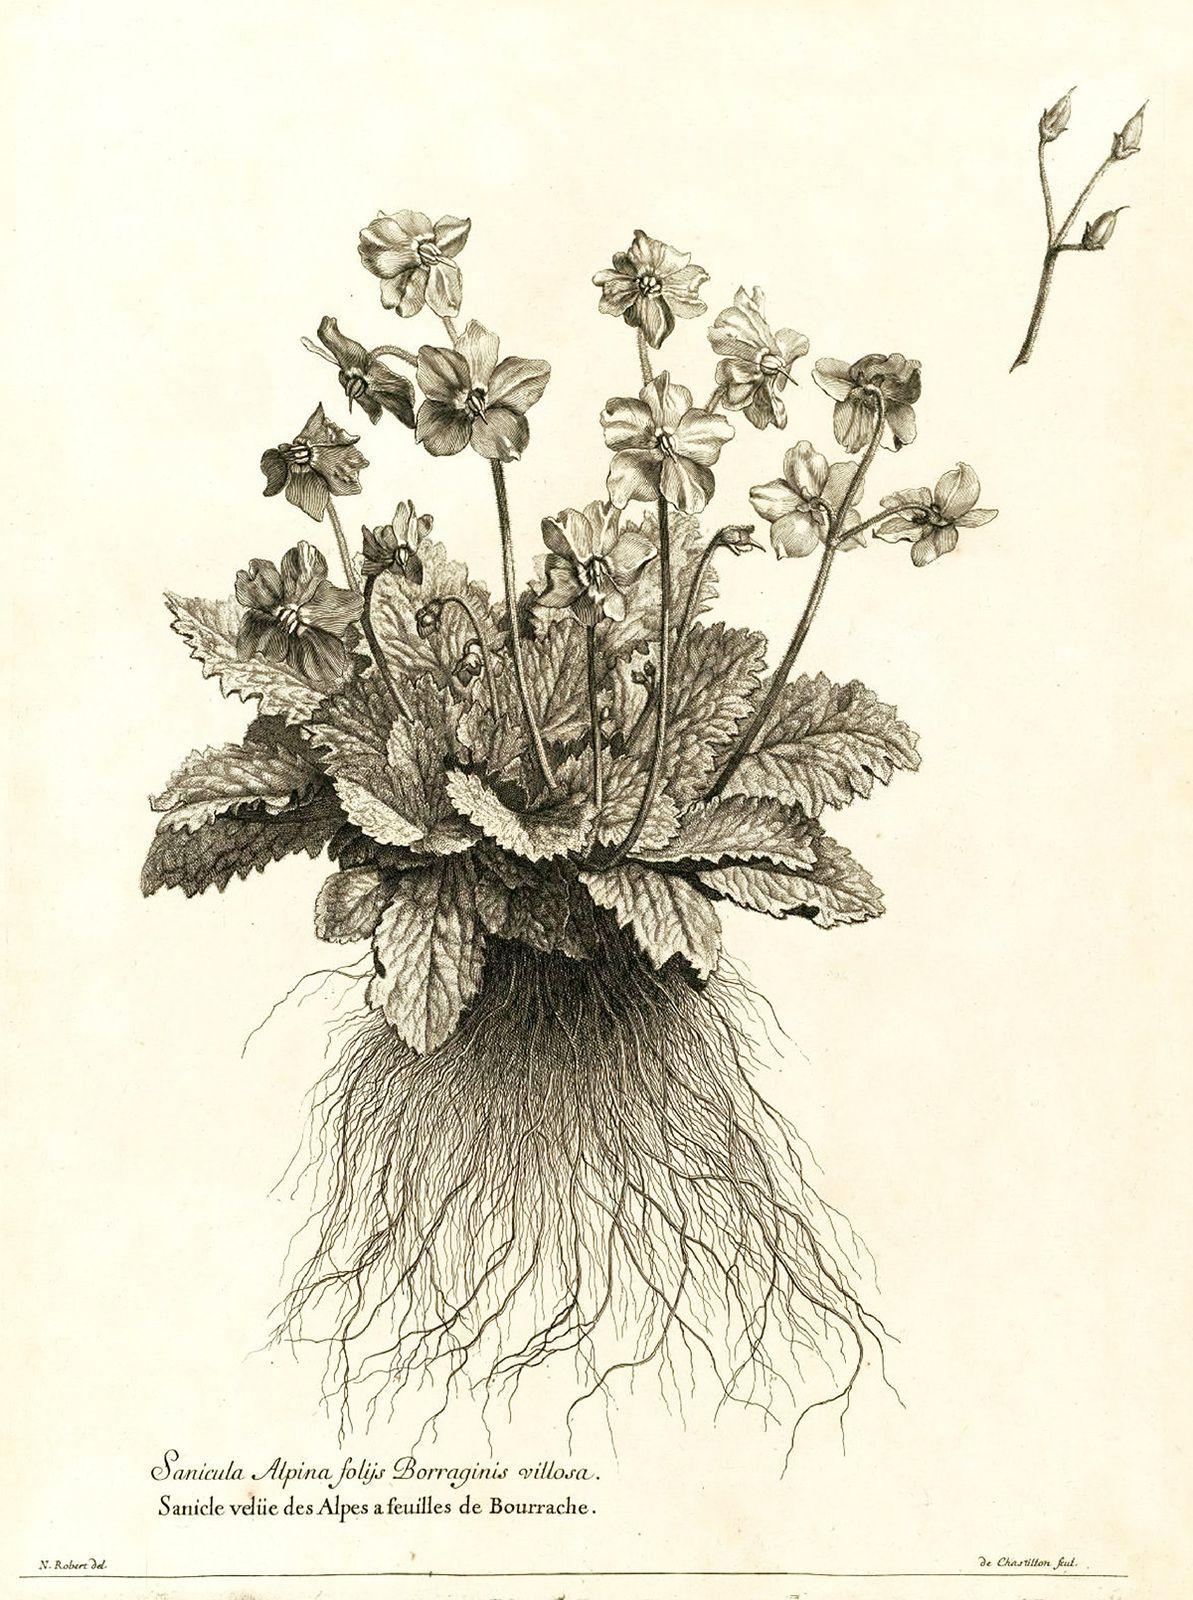 « Recueil des plantes gravées par ordre du roi Louis XIV » de Denis Dodart